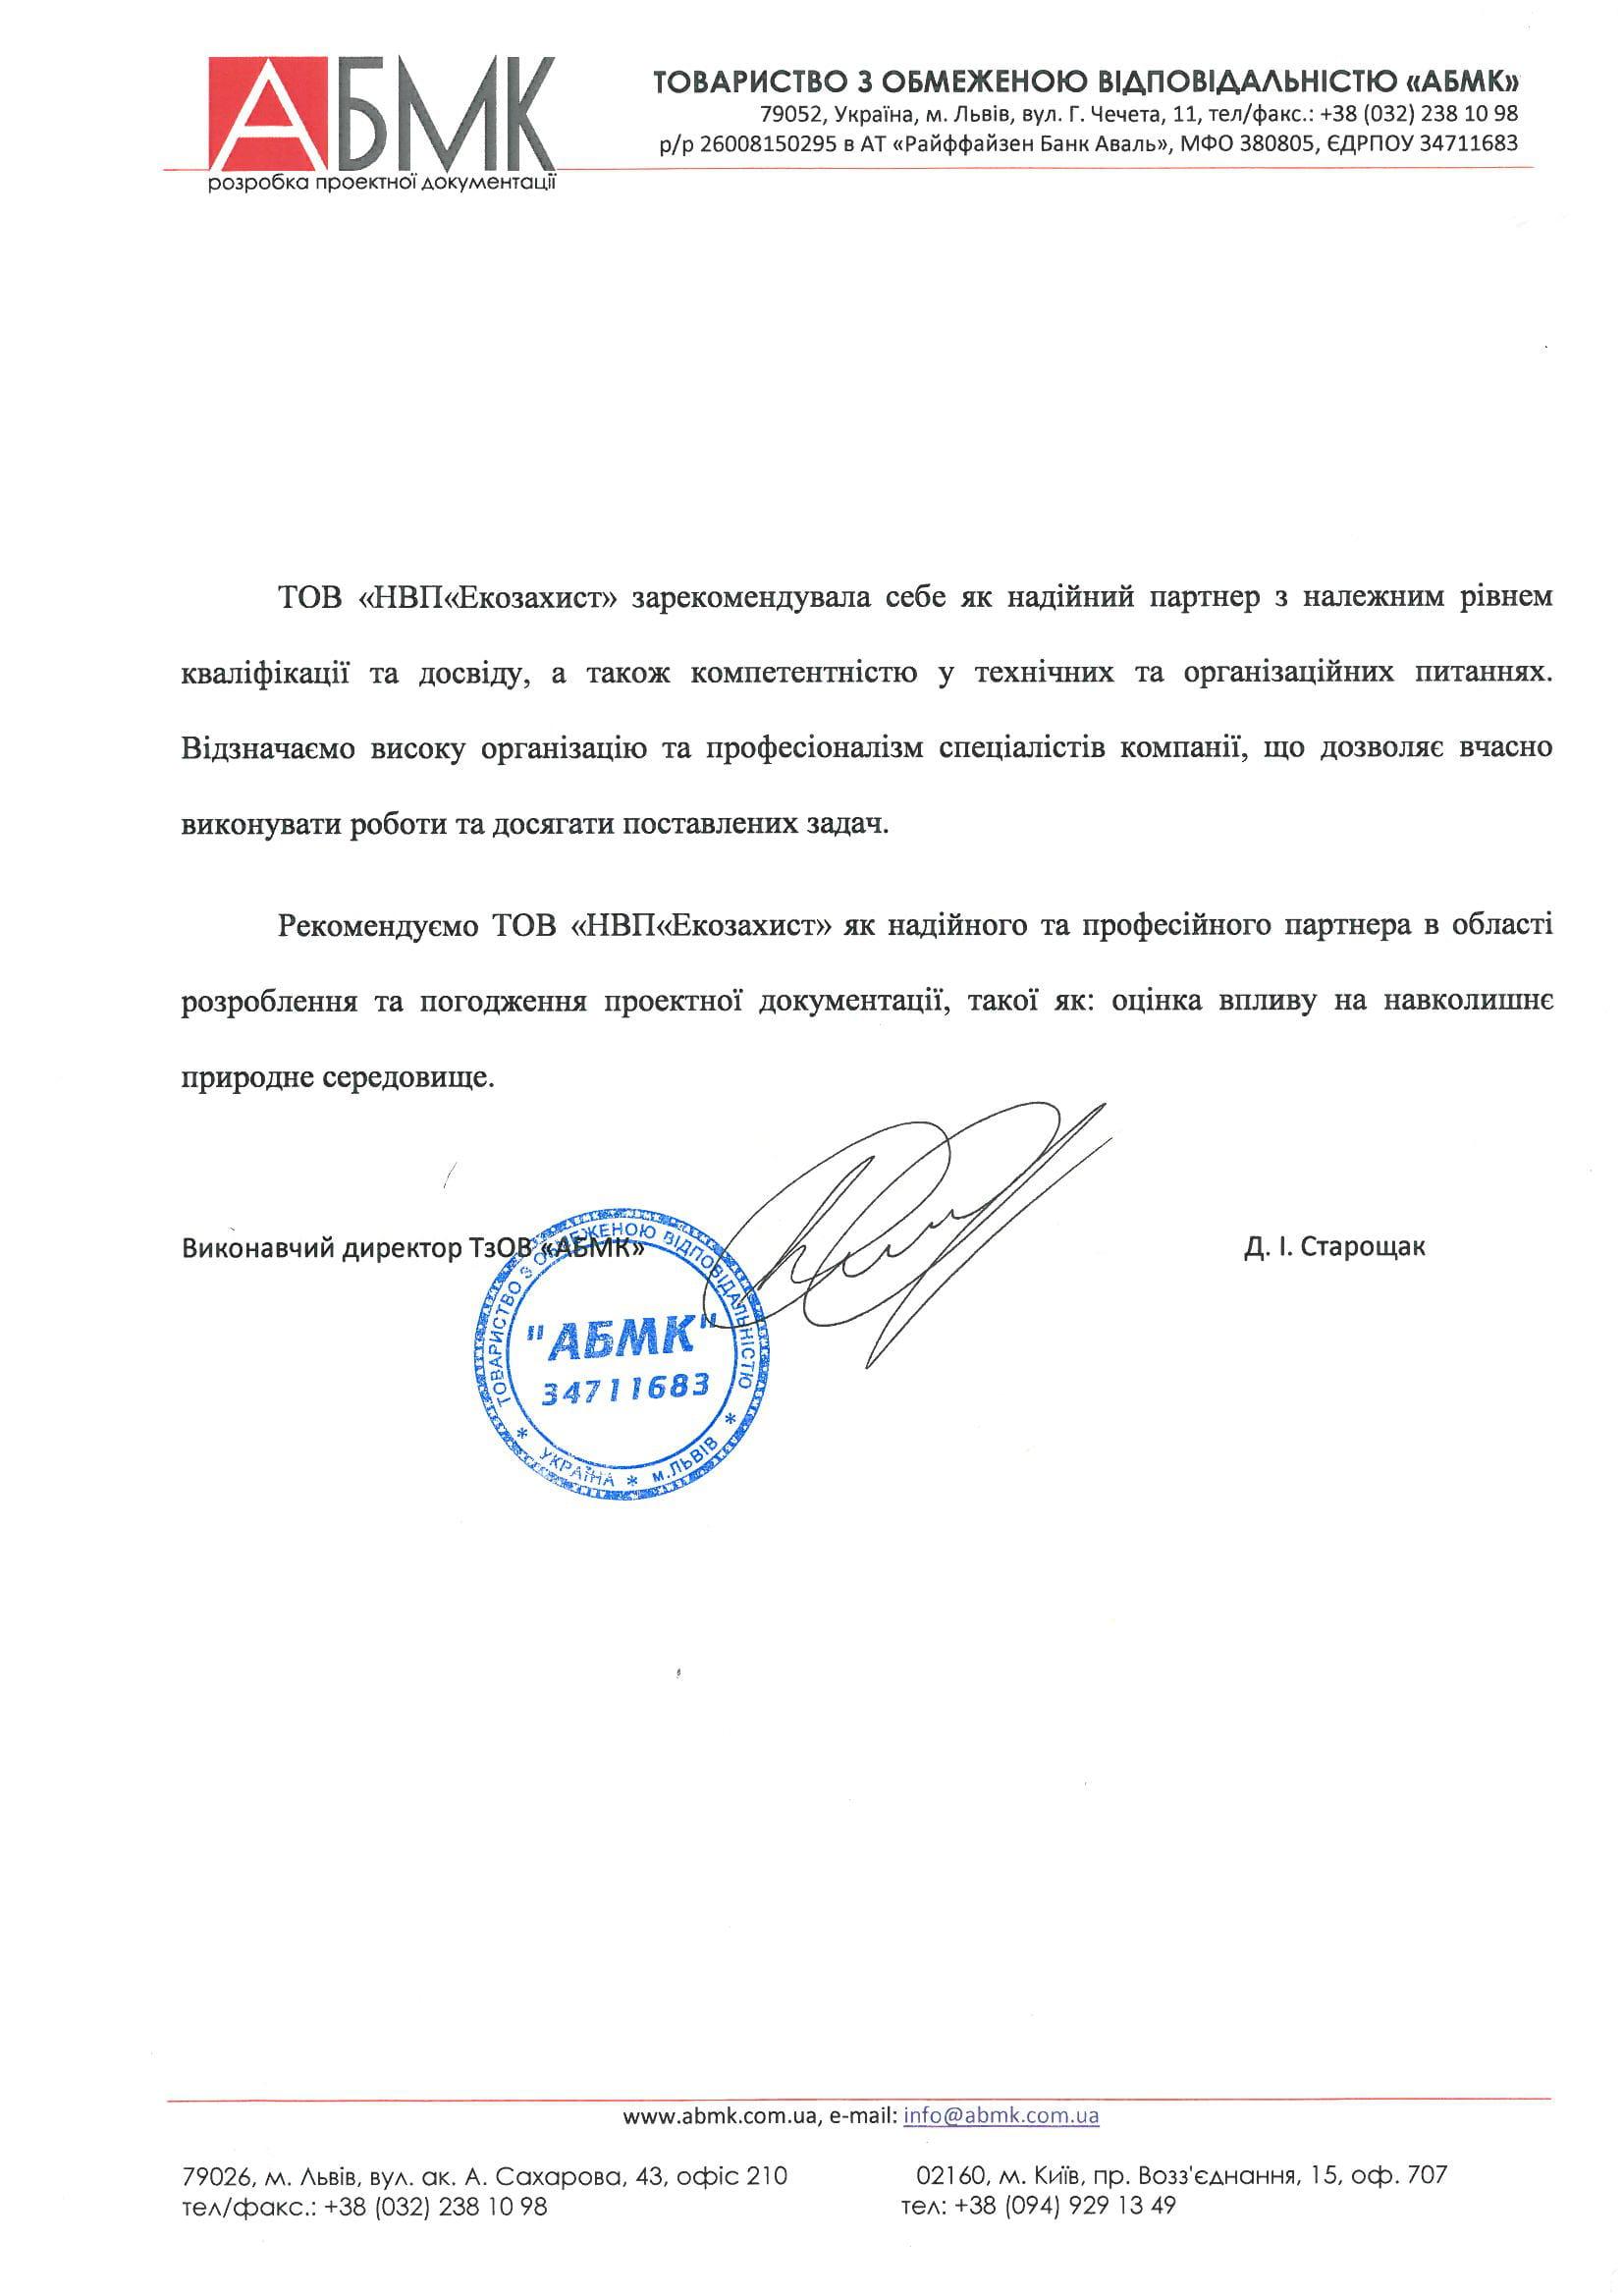 """Исполнительный директор ООО """"АБМК"""" – Старощак Д.И."""